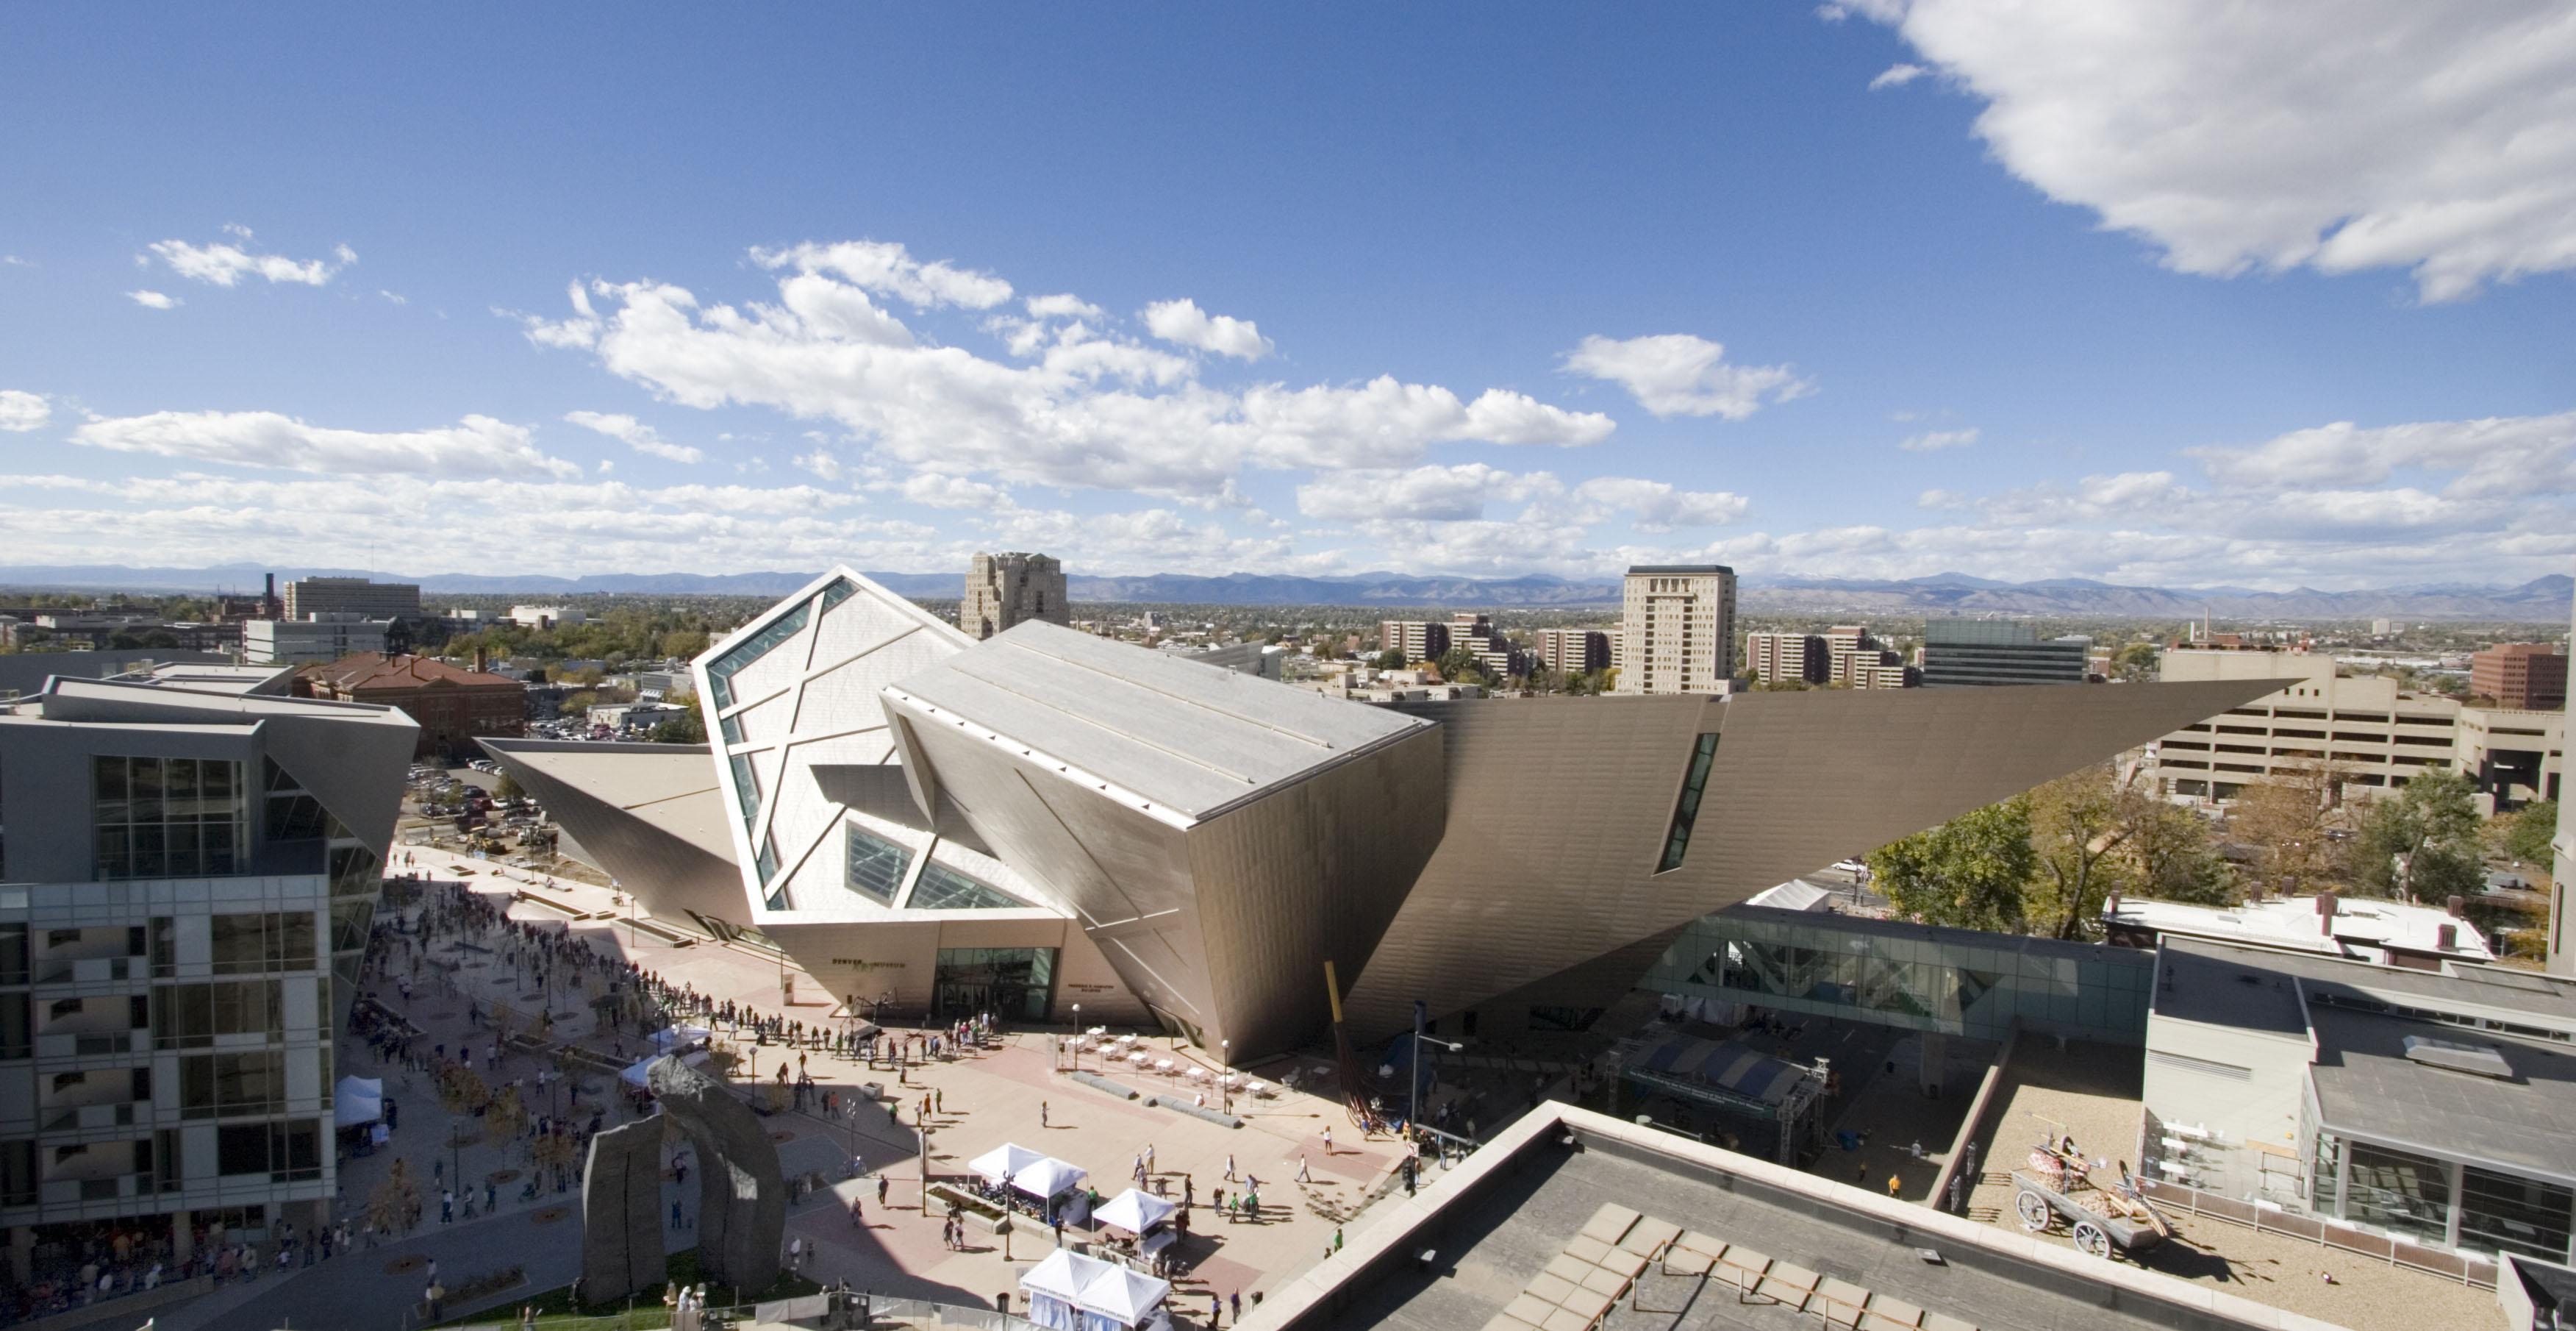 The Denver Art Museum DAM in Denver Colorado